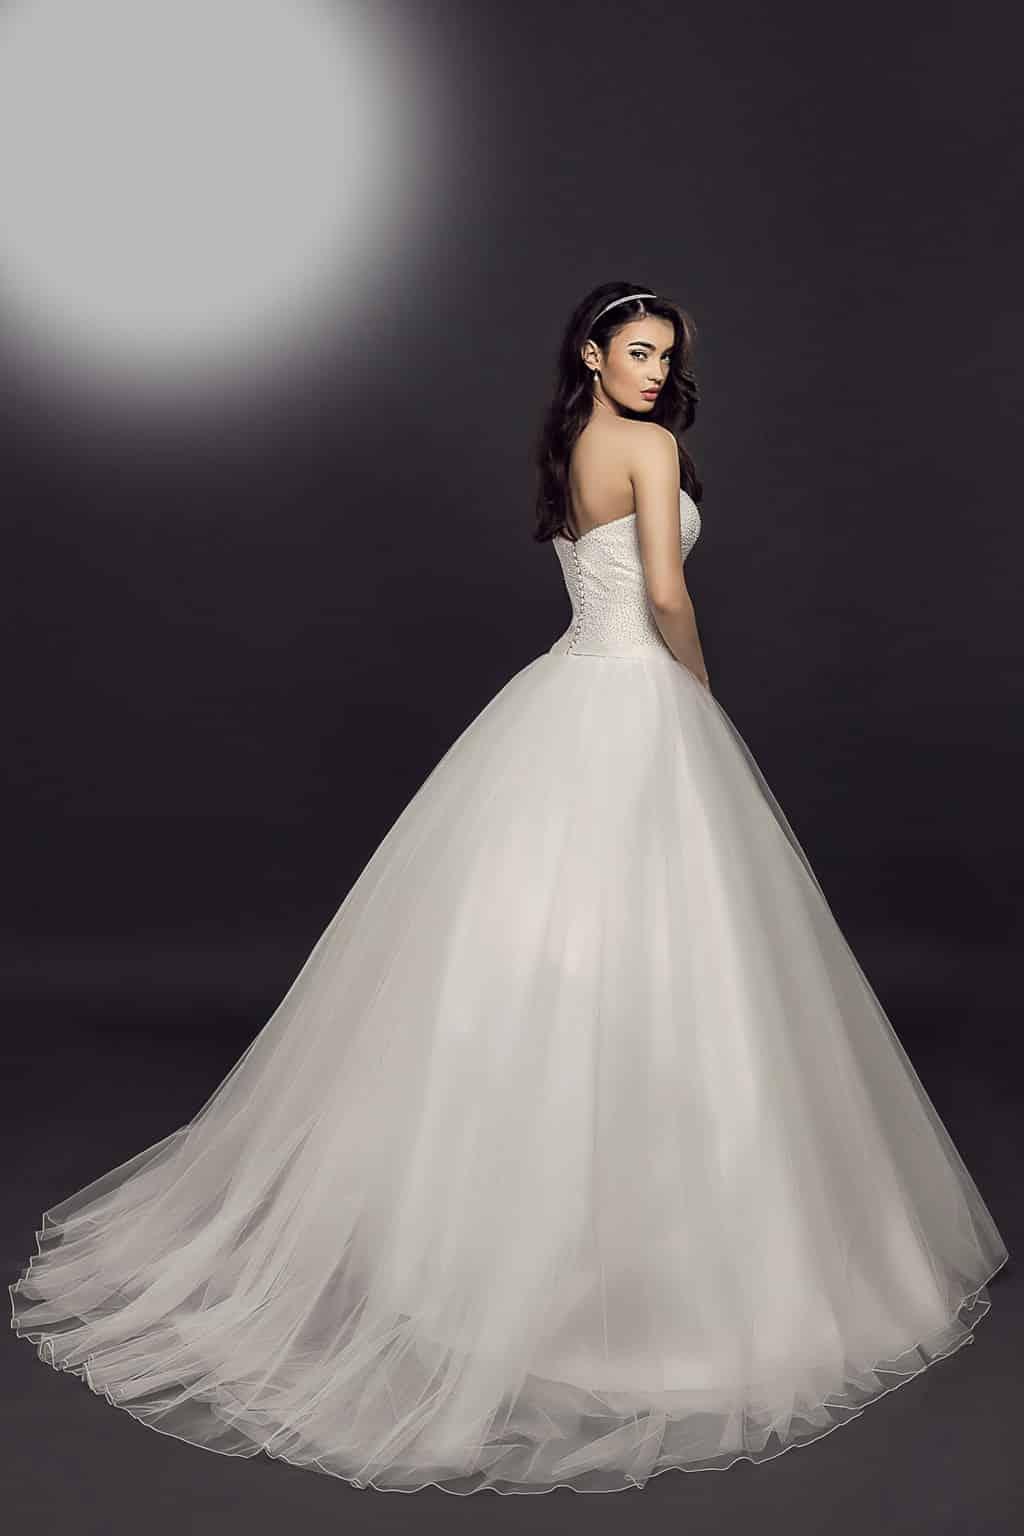 Rochie de mireasa Princess Model - Colectia Dreams - Adora Sposa (3)